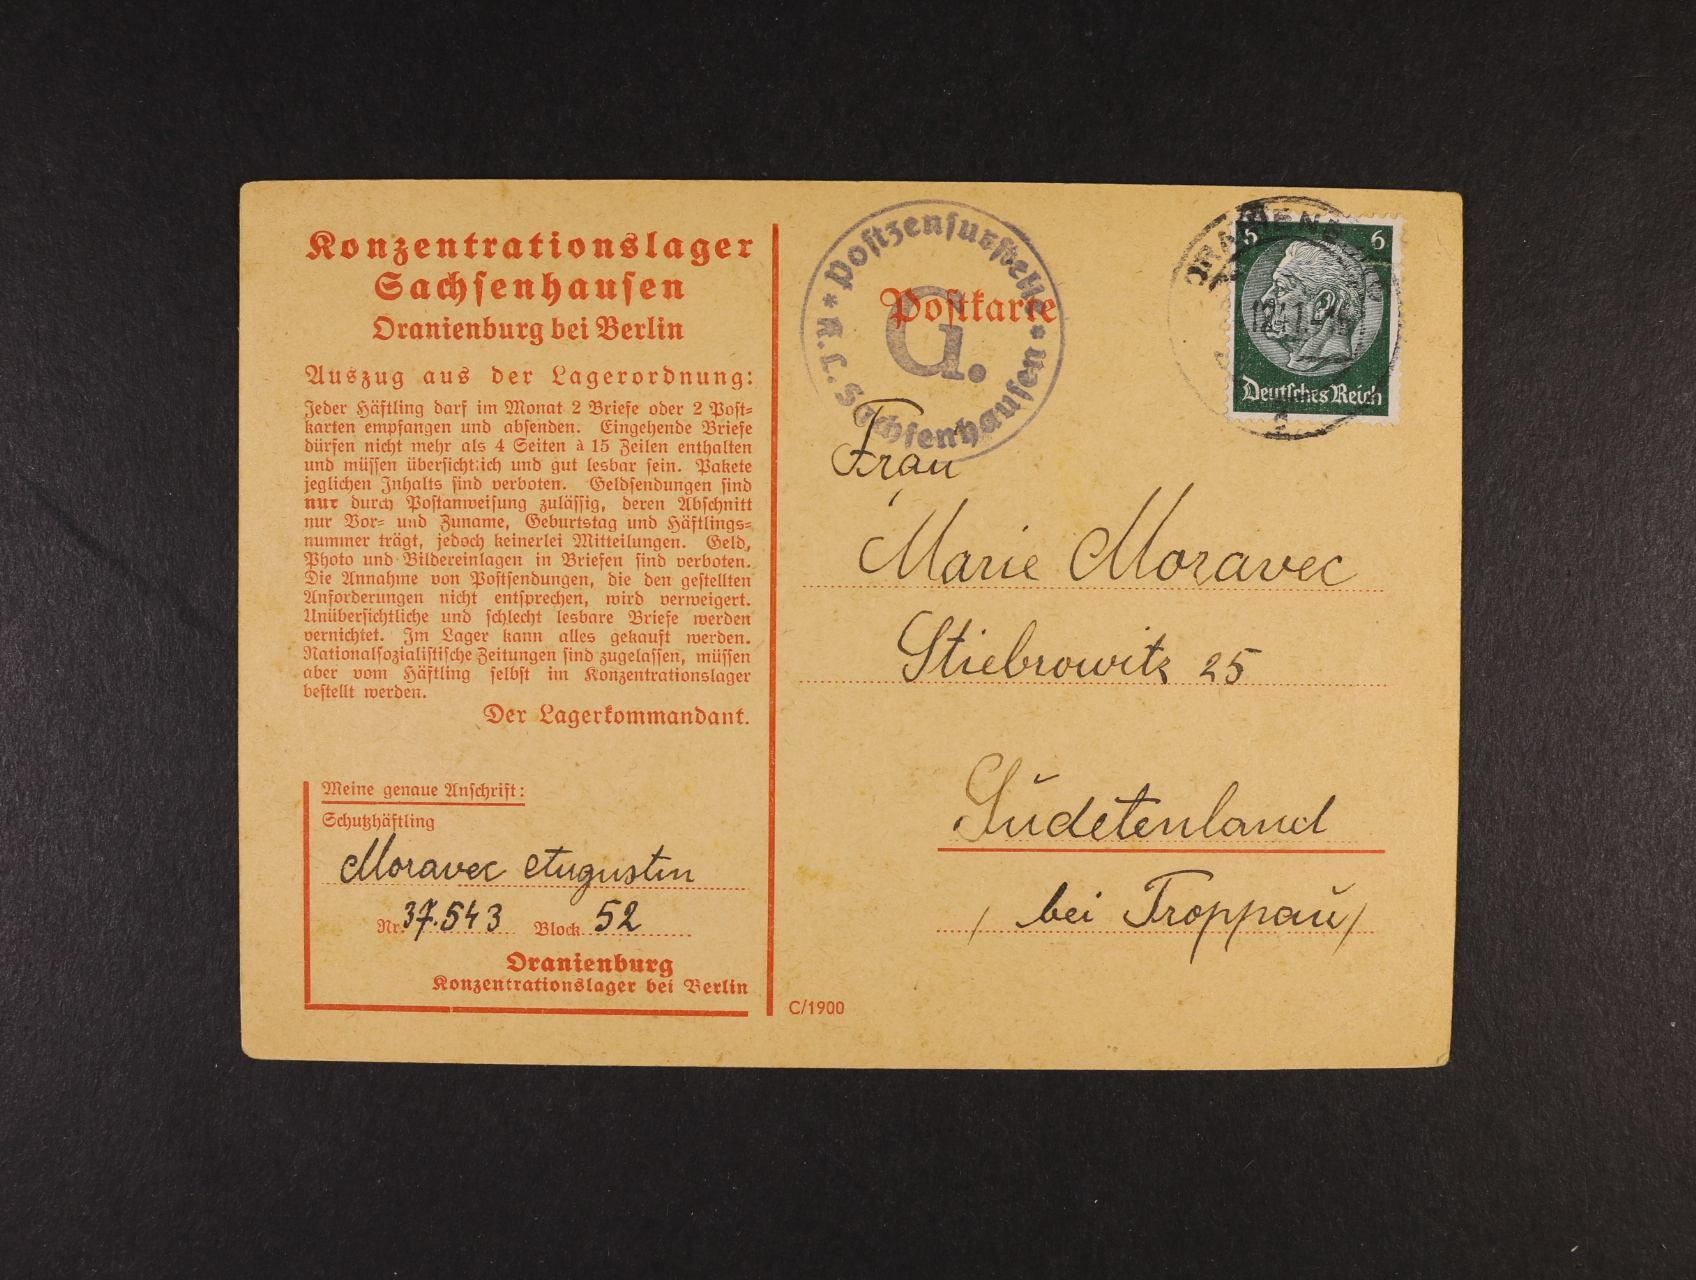 Sachsenhausen - oficielní předtištěný KL zaslaný do Opavy, pod. raz. ORANIENBURG 21.12.41 + přídavné cenzurní raz. K.L. SACHSENHAUSEN G., lux. kvalita